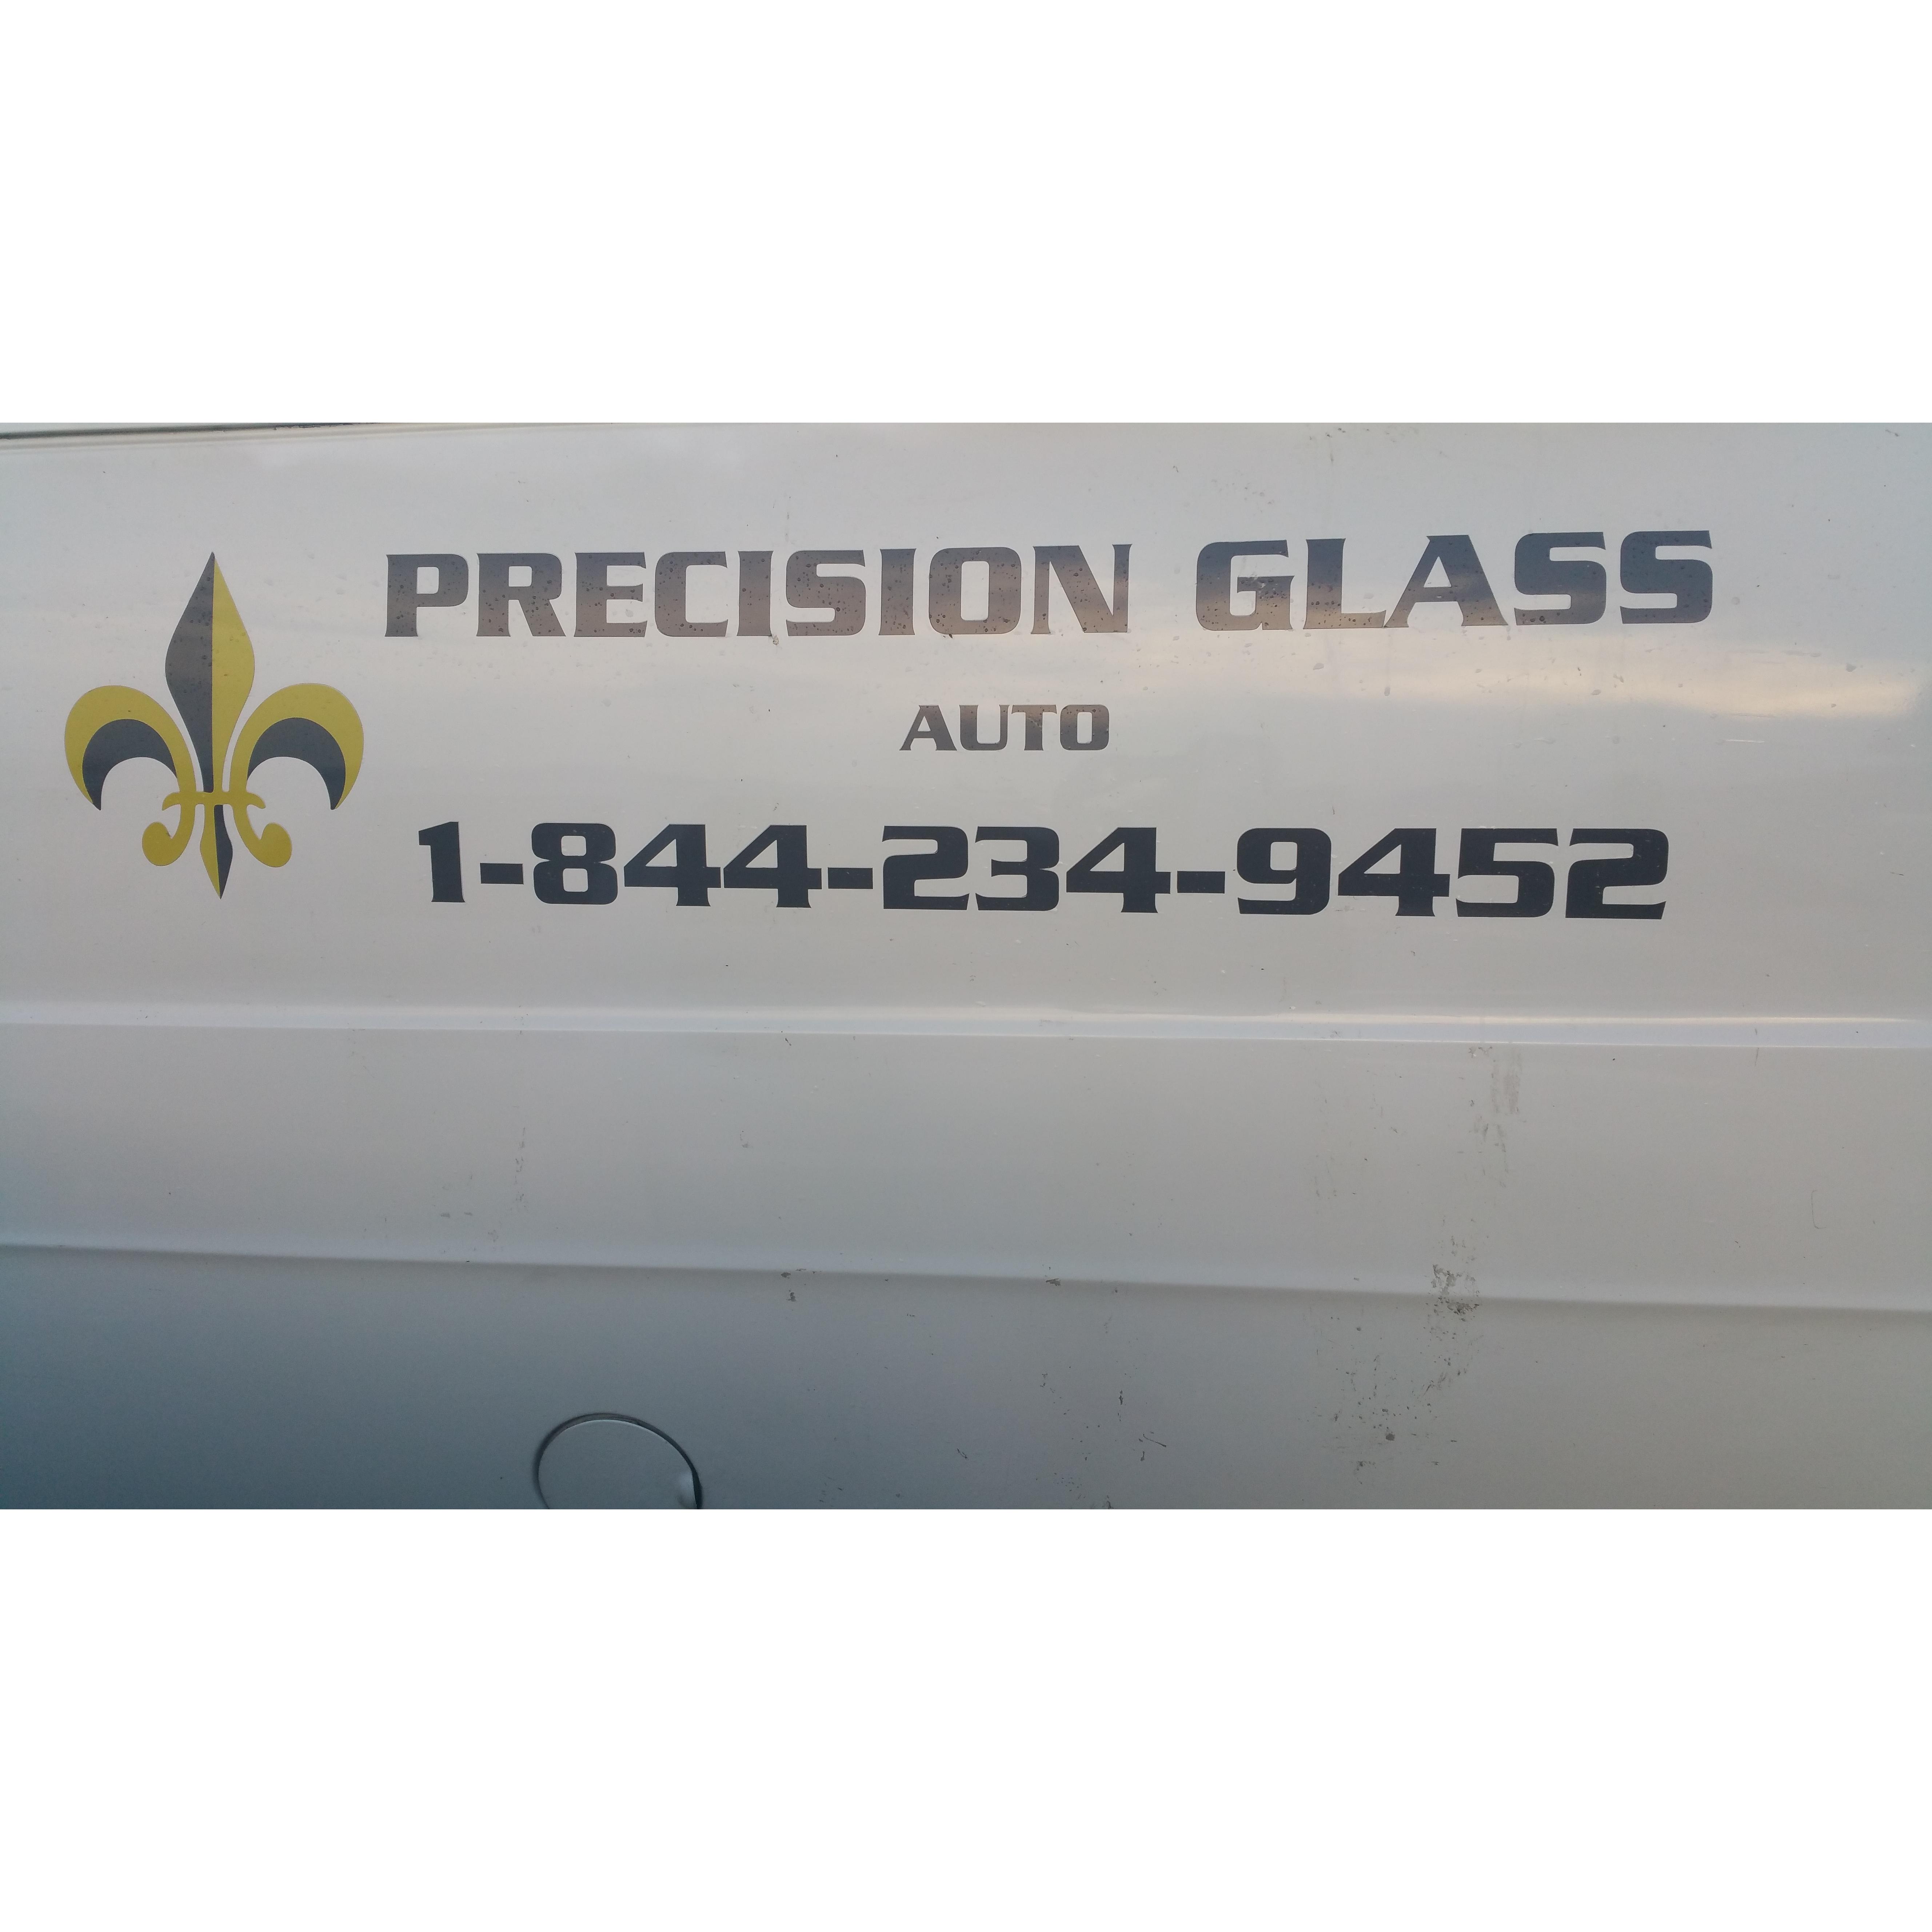 PRECISION AUTO GLASS- Mobile Services in Southern Missouri